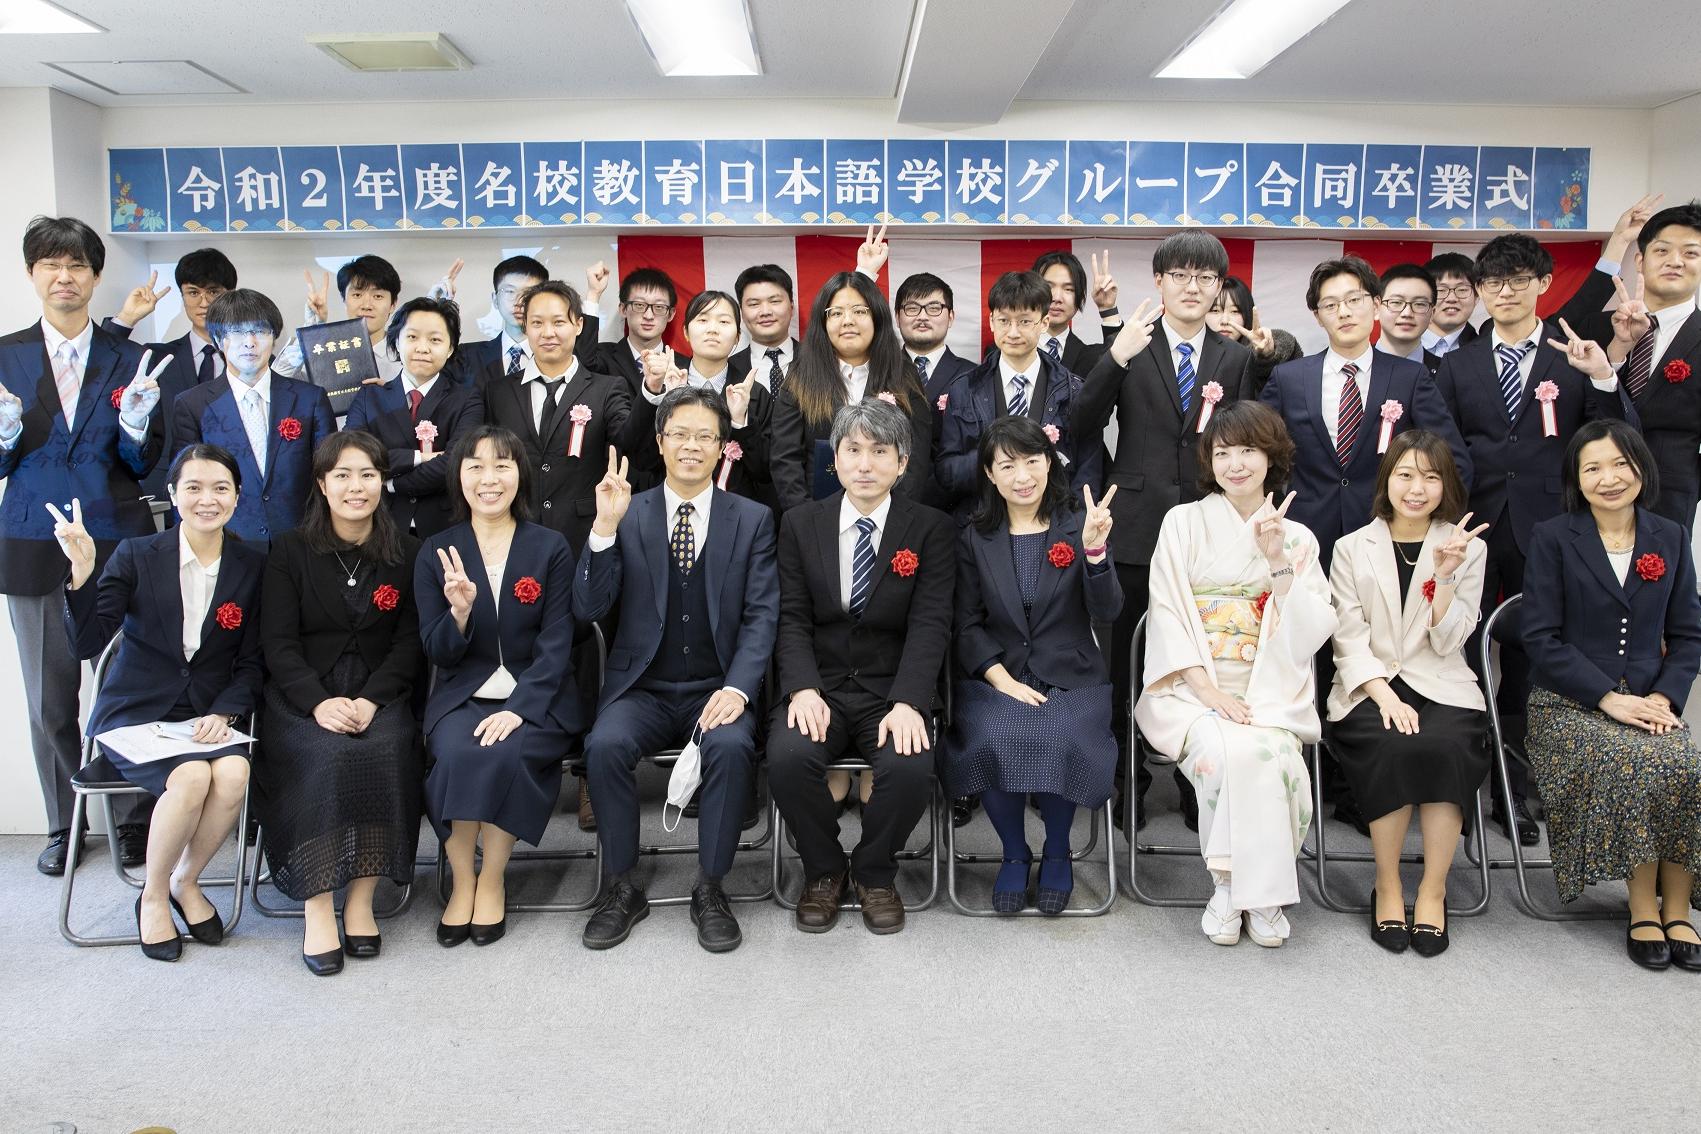 2021年3月15日 卒業式 国际善邻学院